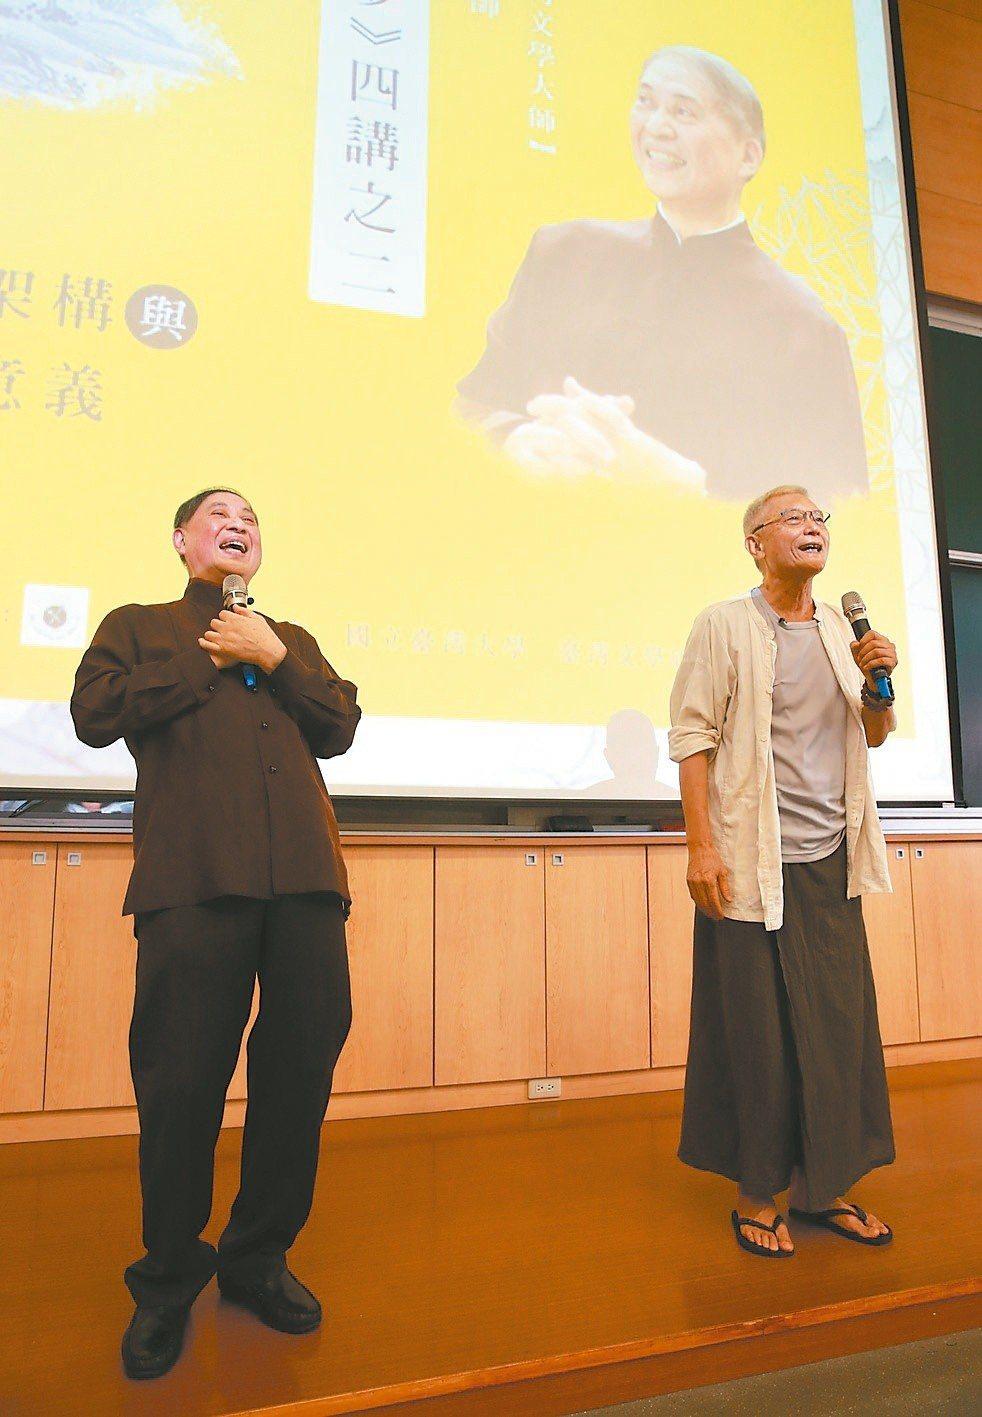 白先勇(左)與奚淞對談:《紅樓夢》的神話架構與儒、釋、道的交互意義。(圖/記者黃...